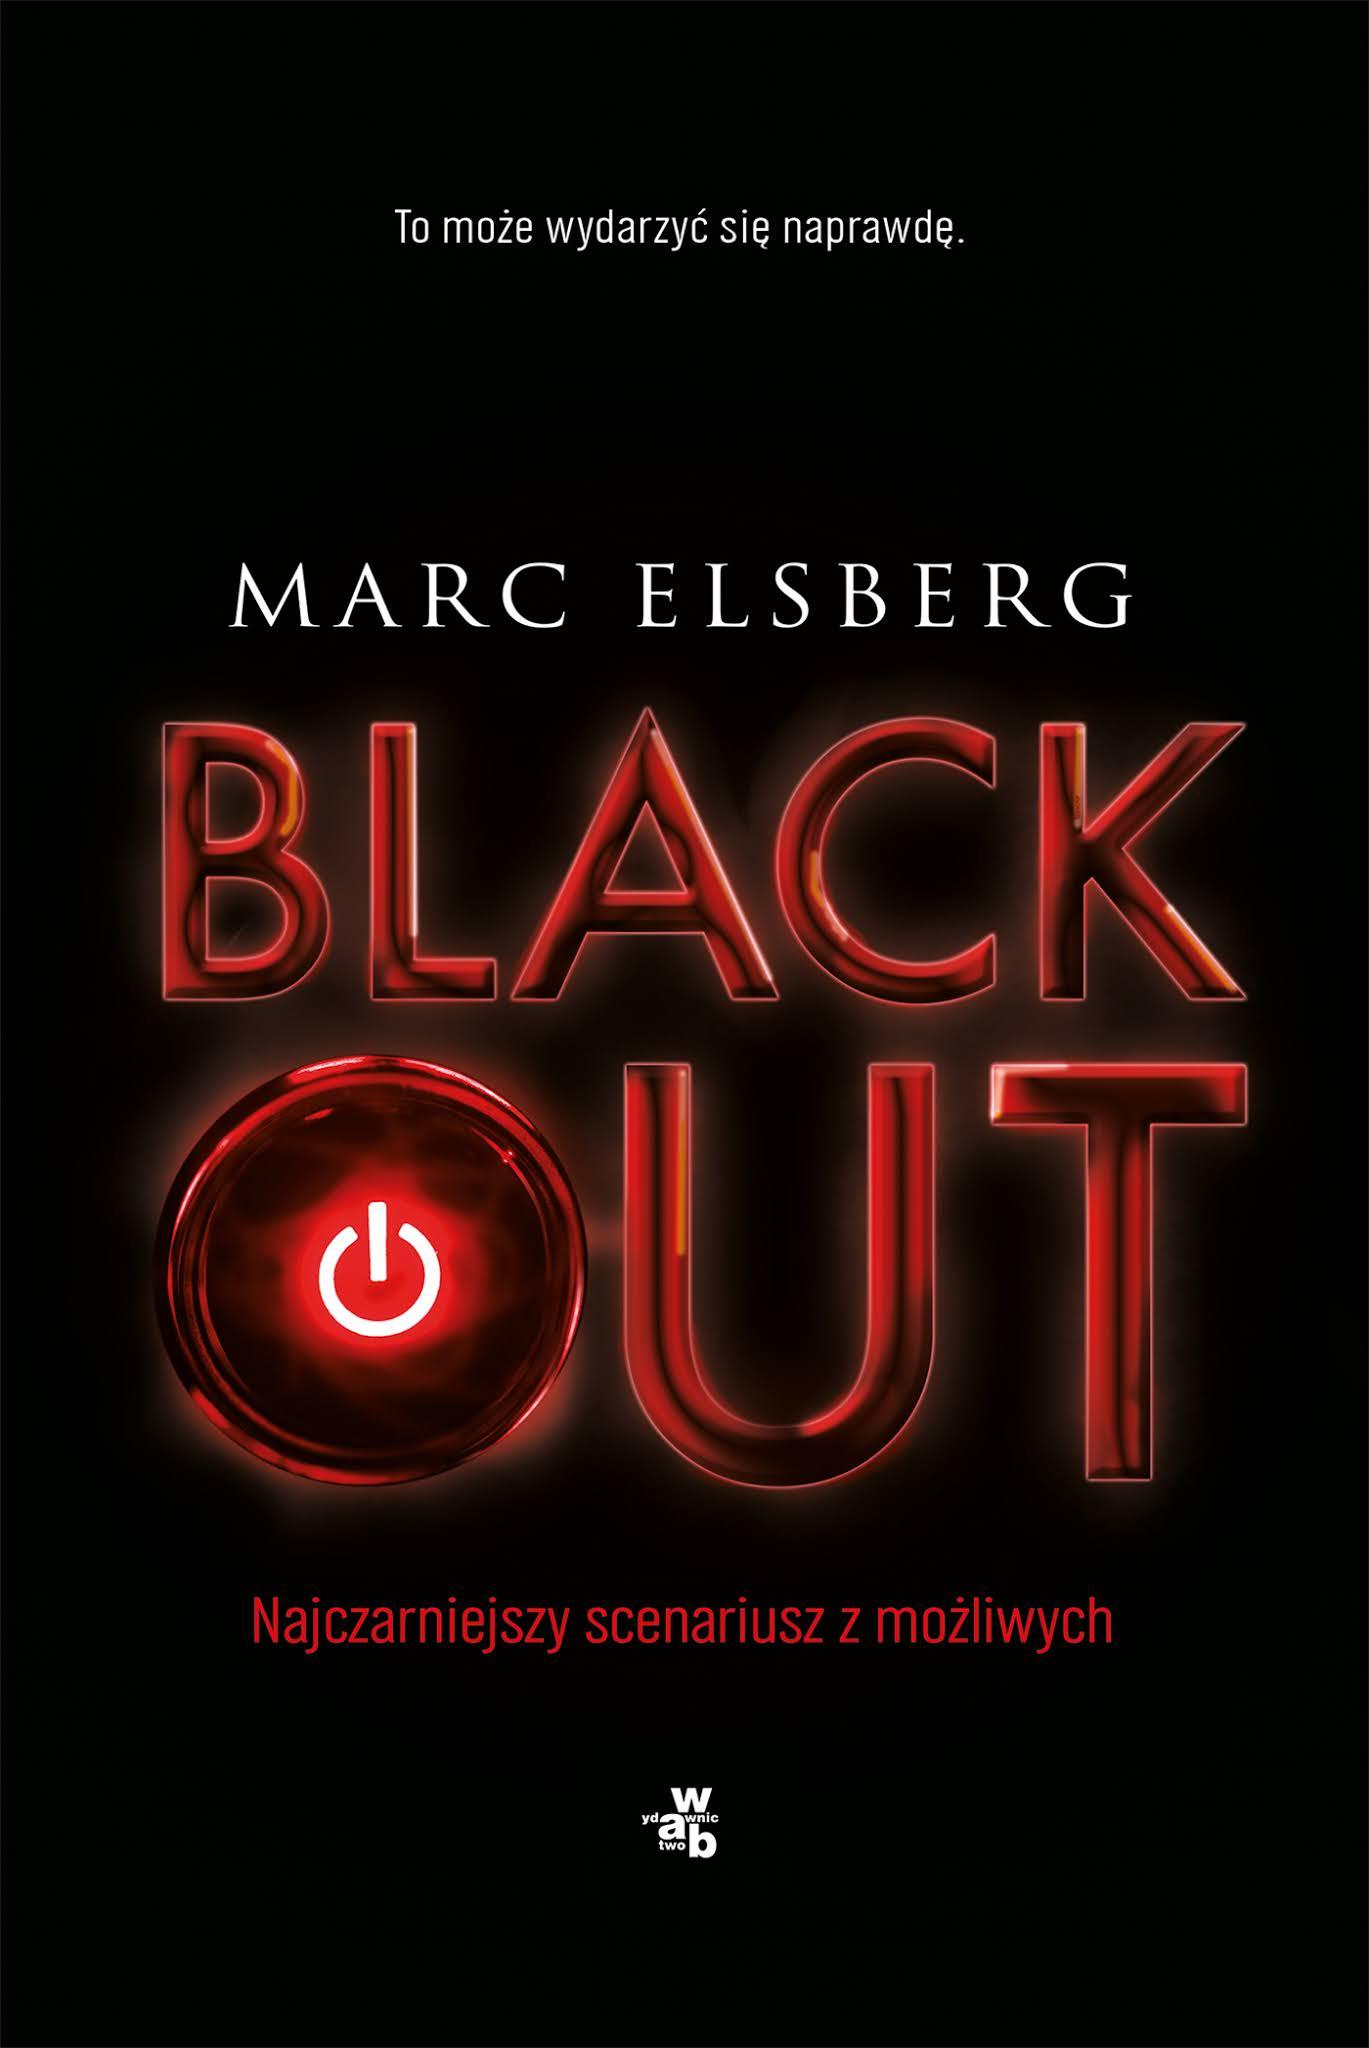 Czytaliście Blackout? Najgłośniejszy thriller ostatniej dekady wraca do księgarń!!!